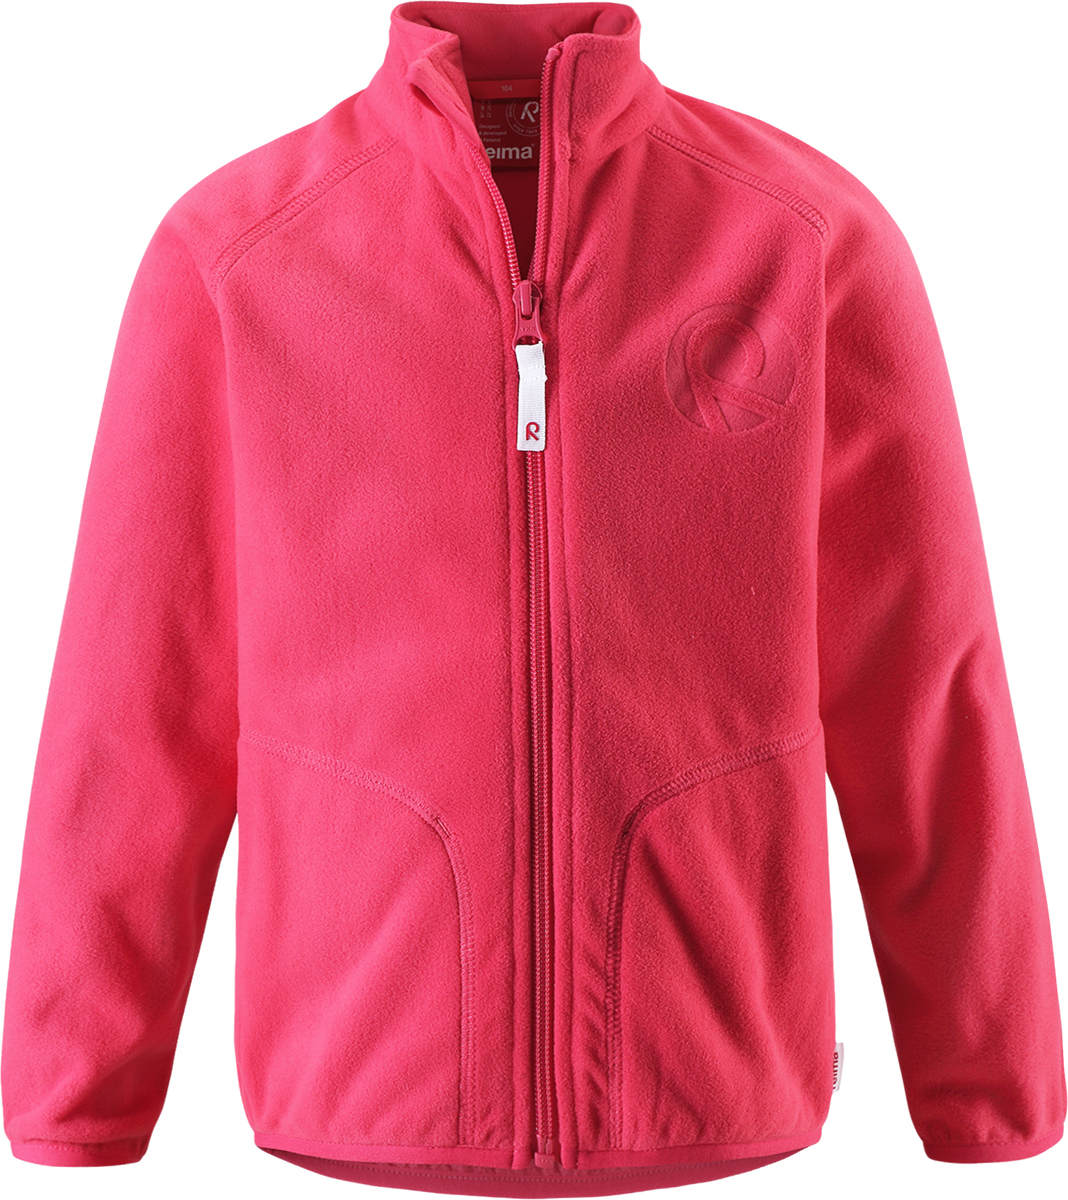 Толстовка флисовая детская Reima Inrun, цвет: розовый. 5262503360. Размер 1345262503360Детская флисовая толстовка Reima на прохладный день. Можно использовать как верхнюю одежду в сухую погоду весной и осенью или поддевать в качестве промежуточного слоя в холода. Обратите внимание на удобную систему кнопок Play Layers, с помощью которой легко присоединить кофту к одежде из серии Reima Play Layers и обеспечить ребенку дополнительное тепло и комфорт. Высококачественный флис - это теплый, легкий и быстросохнущий материал, он идеально подходит для активных прогулок. Удлиненная спинка обеспечивает дополнительную защиту для поясницы, а молния во всю длину с защитой для подбородка облегчает надевание.